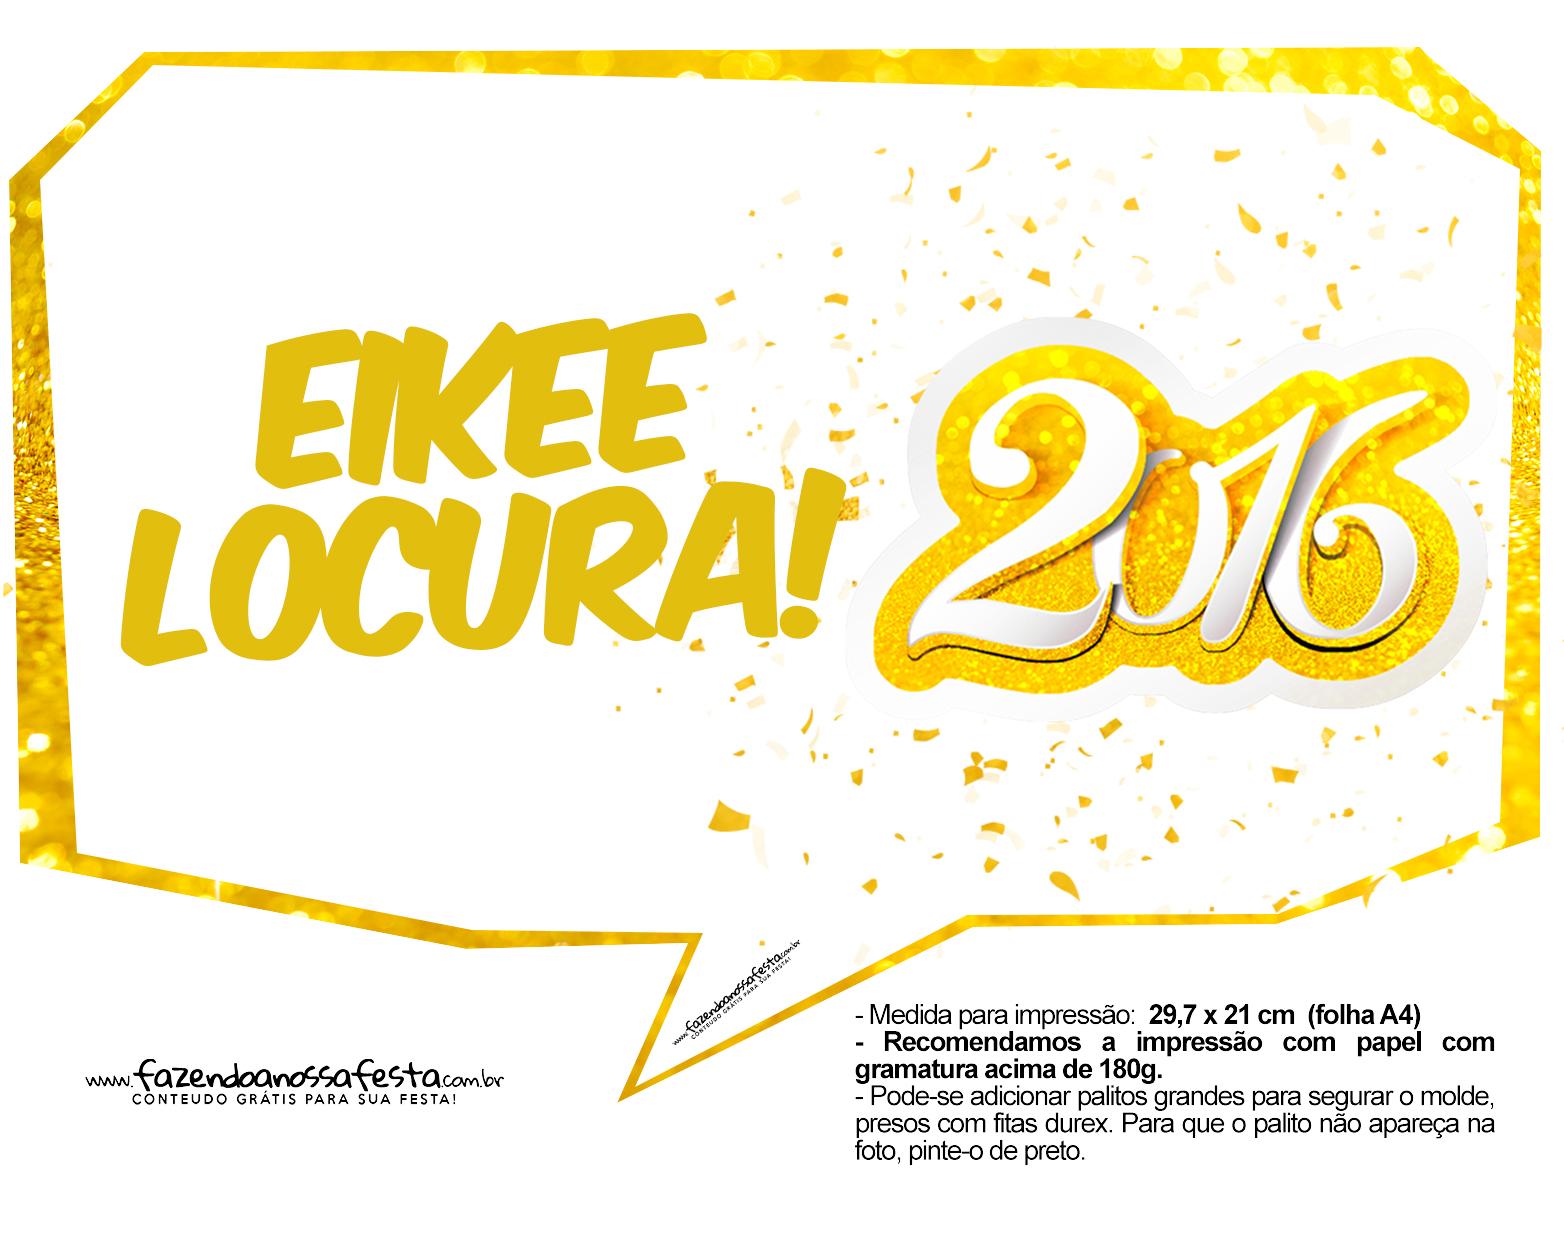 Plaquinha Divertida para Fotos 2016 Ano Novo 25